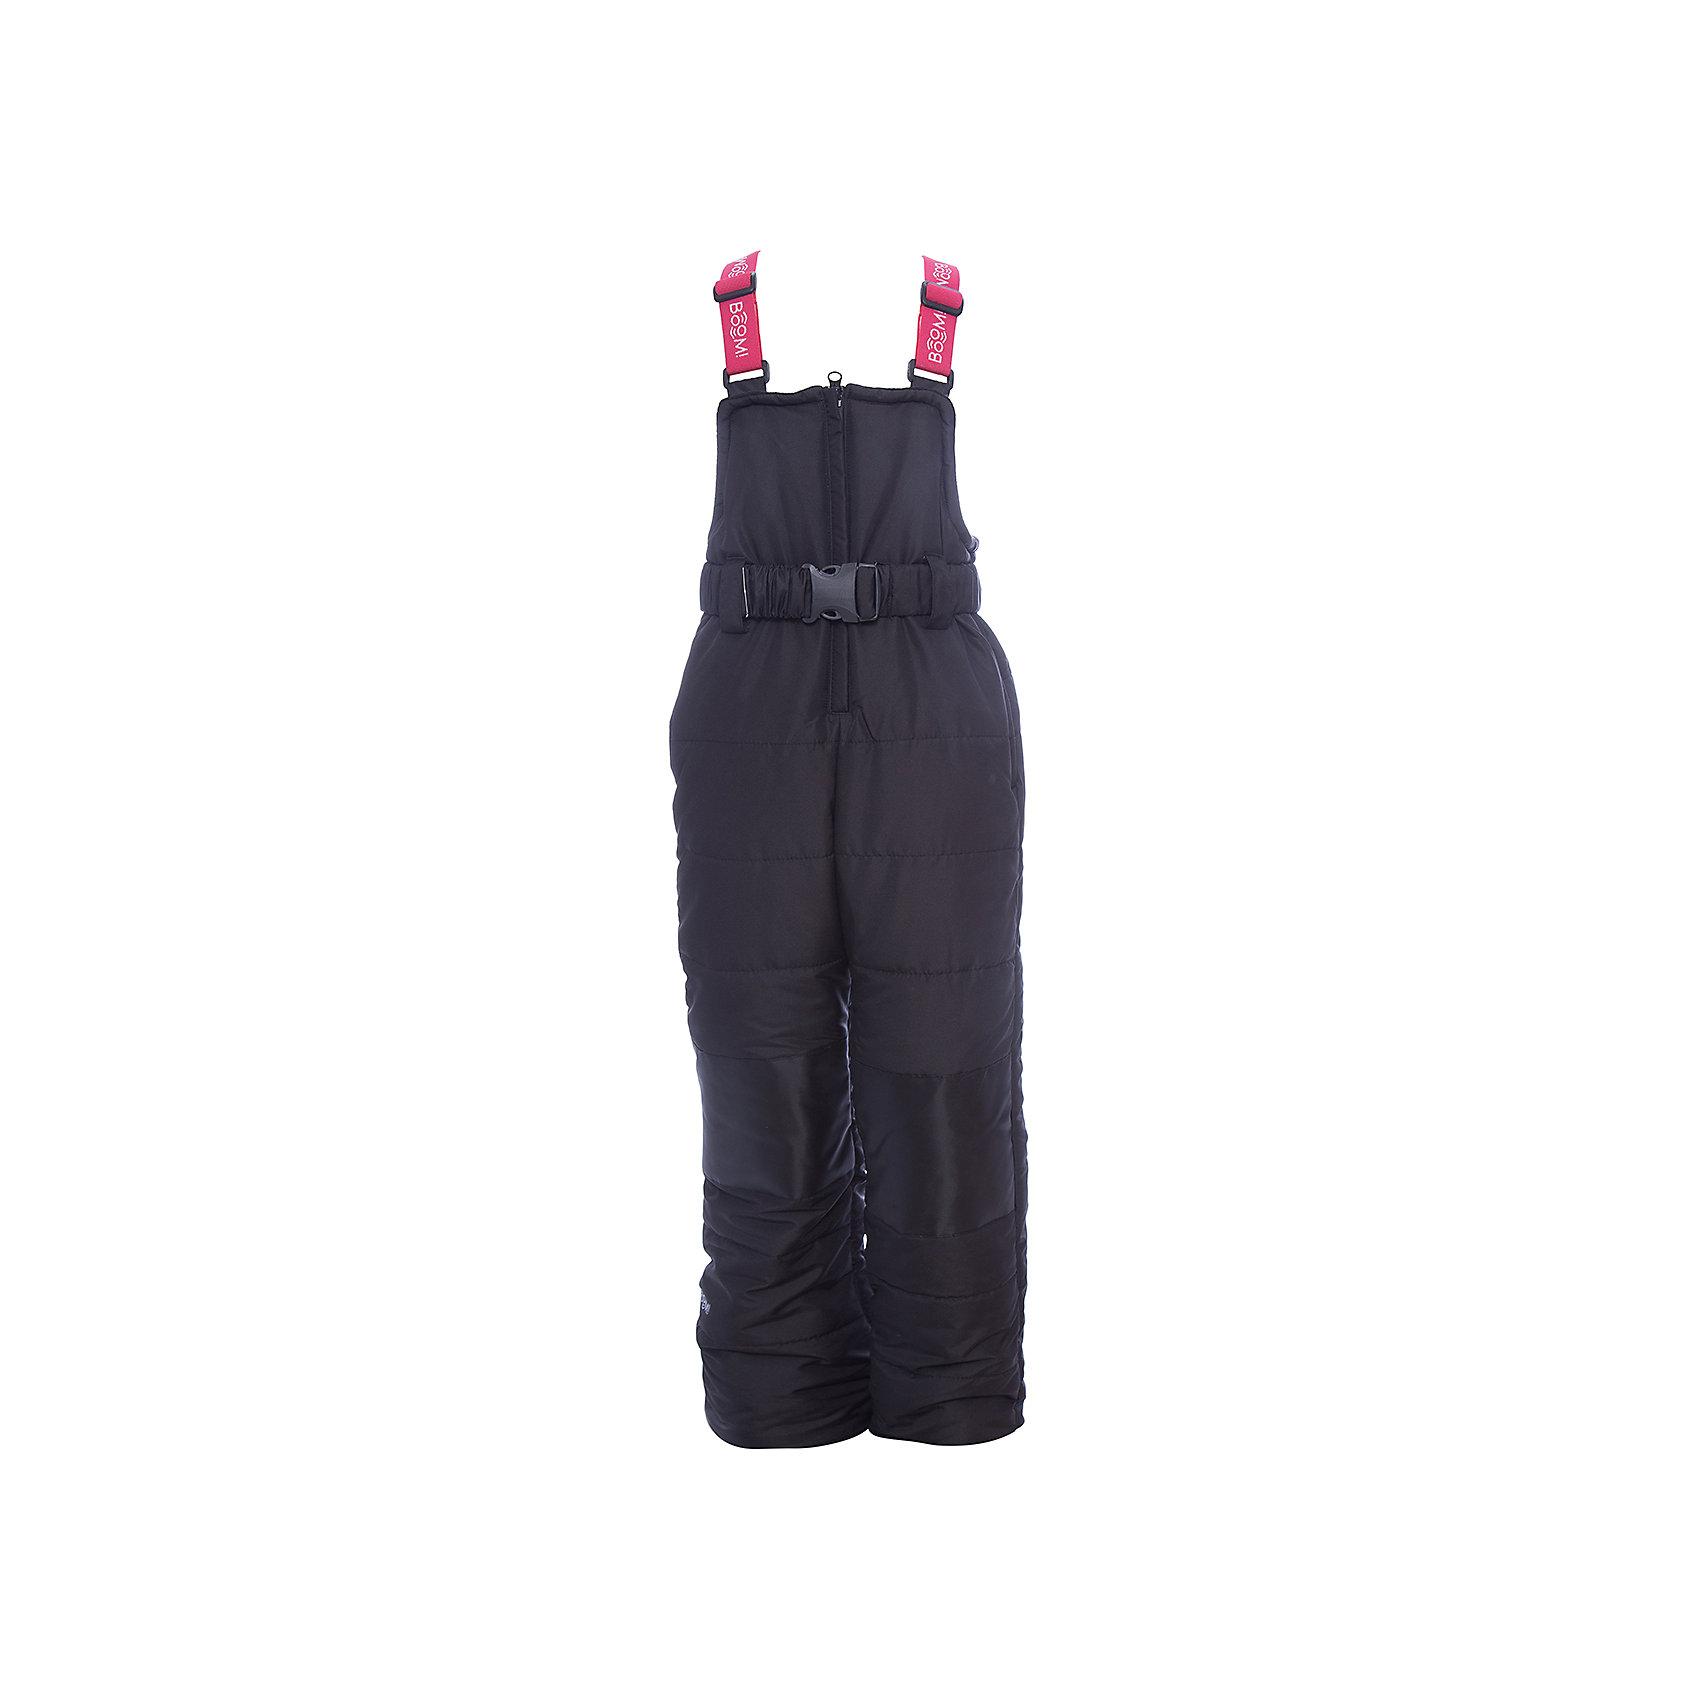 Полукомбинезон BOOM by Orby для девочкиВерхняя одежда<br>Характеристики товара:<br><br>• цвет: черный<br>• состав ткани: таффета pu milky<br>• подкладка: флис, полиэстер пуходержащий<br>• утеплитель: эко синтепон<br>• сезон: зима<br>• температурный режим: от 0 до -30С<br>• плотность утеплителя: 400 г/м2<br>• застежка: молния<br>• страна бренда: Россия<br>• страна изготовитель: Россия<br><br>Теплый полукомбинезон для девочки поможет защитить ребенка от холода. Детский зимний полукомбинезон дополнен удобными лямками. Практичный детский полукомбинезон отлично подойдет для зимних холодов - в этом полукомбинезоне для ребенка хороший утеплитель. <br><br>Полукомбинезон для девочки BOOM by Orby (Бум бай Орби) можно купить в нашем интернет-магазине.<br><br>Ширина мм: 215<br>Глубина мм: 88<br>Высота мм: 191<br>Вес г: 336<br>Цвет: черный<br>Возраст от месяцев: 144<br>Возраст до месяцев: 156<br>Пол: Женский<br>Возраст: Детский<br>Размер: 158,86,92,98,104,110,116,122,128,134,140,146,152,80<br>SKU: 7090442